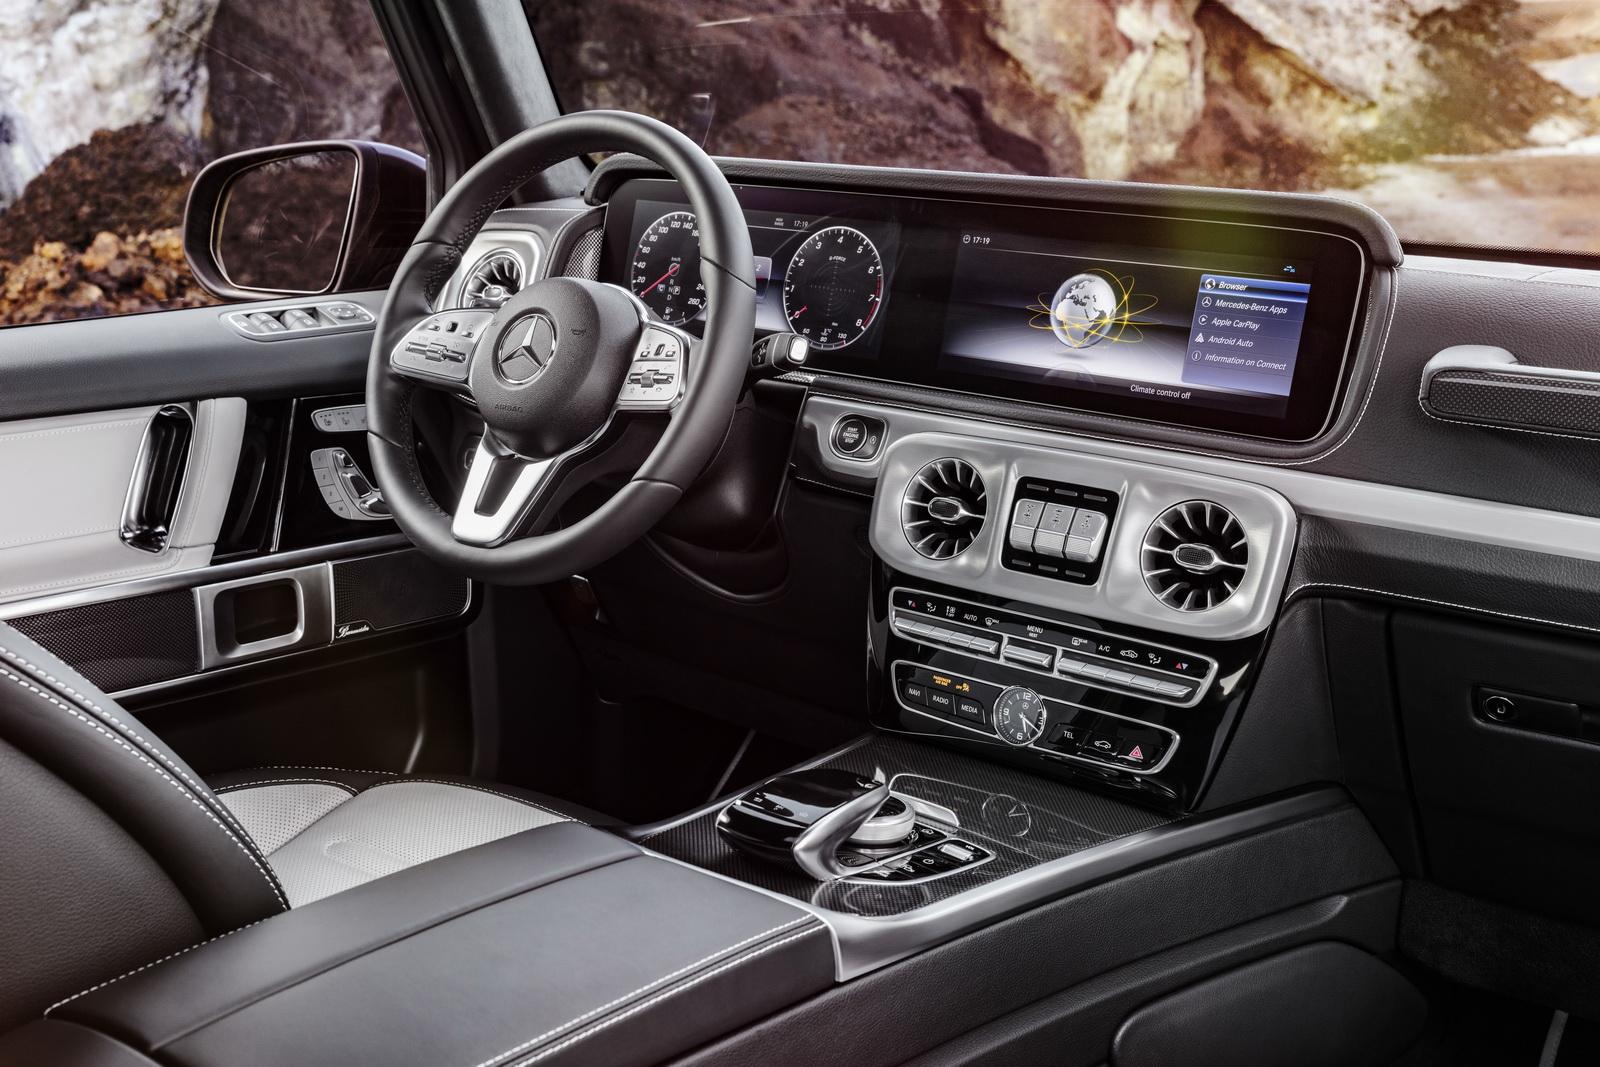 Mercedes G-Class hoàn toàn mới lộ diện trước ngày ra mắt tại triển lãm Detroit 2018